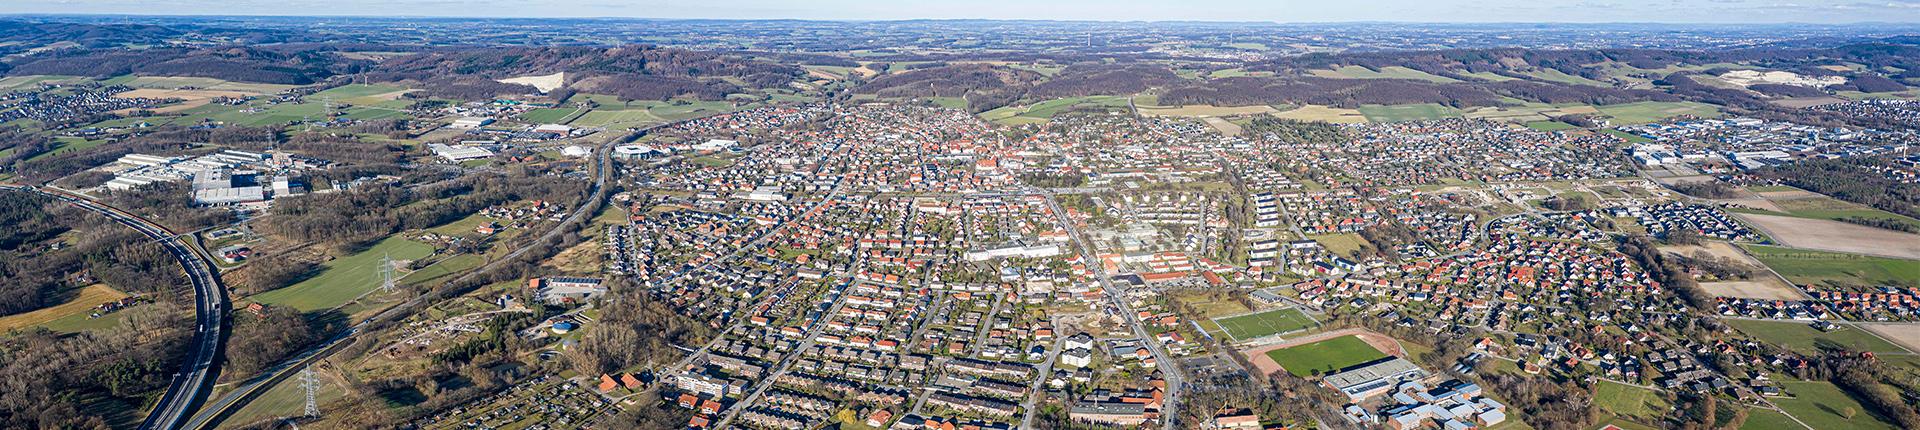 Panorama_Halle_Frühjahr